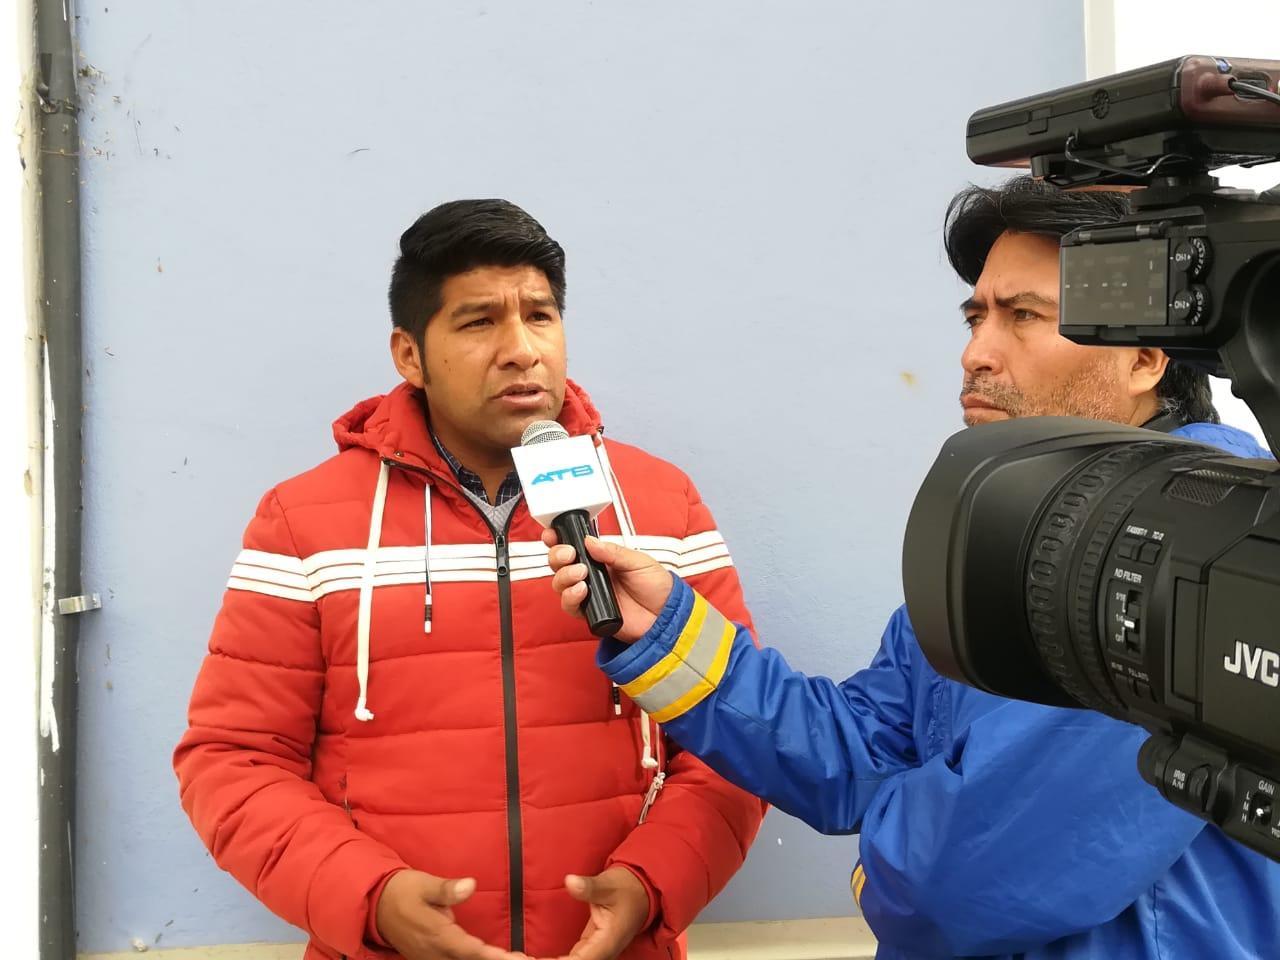 Fedjuve gestionará ampliación de vacaciones en Tarija